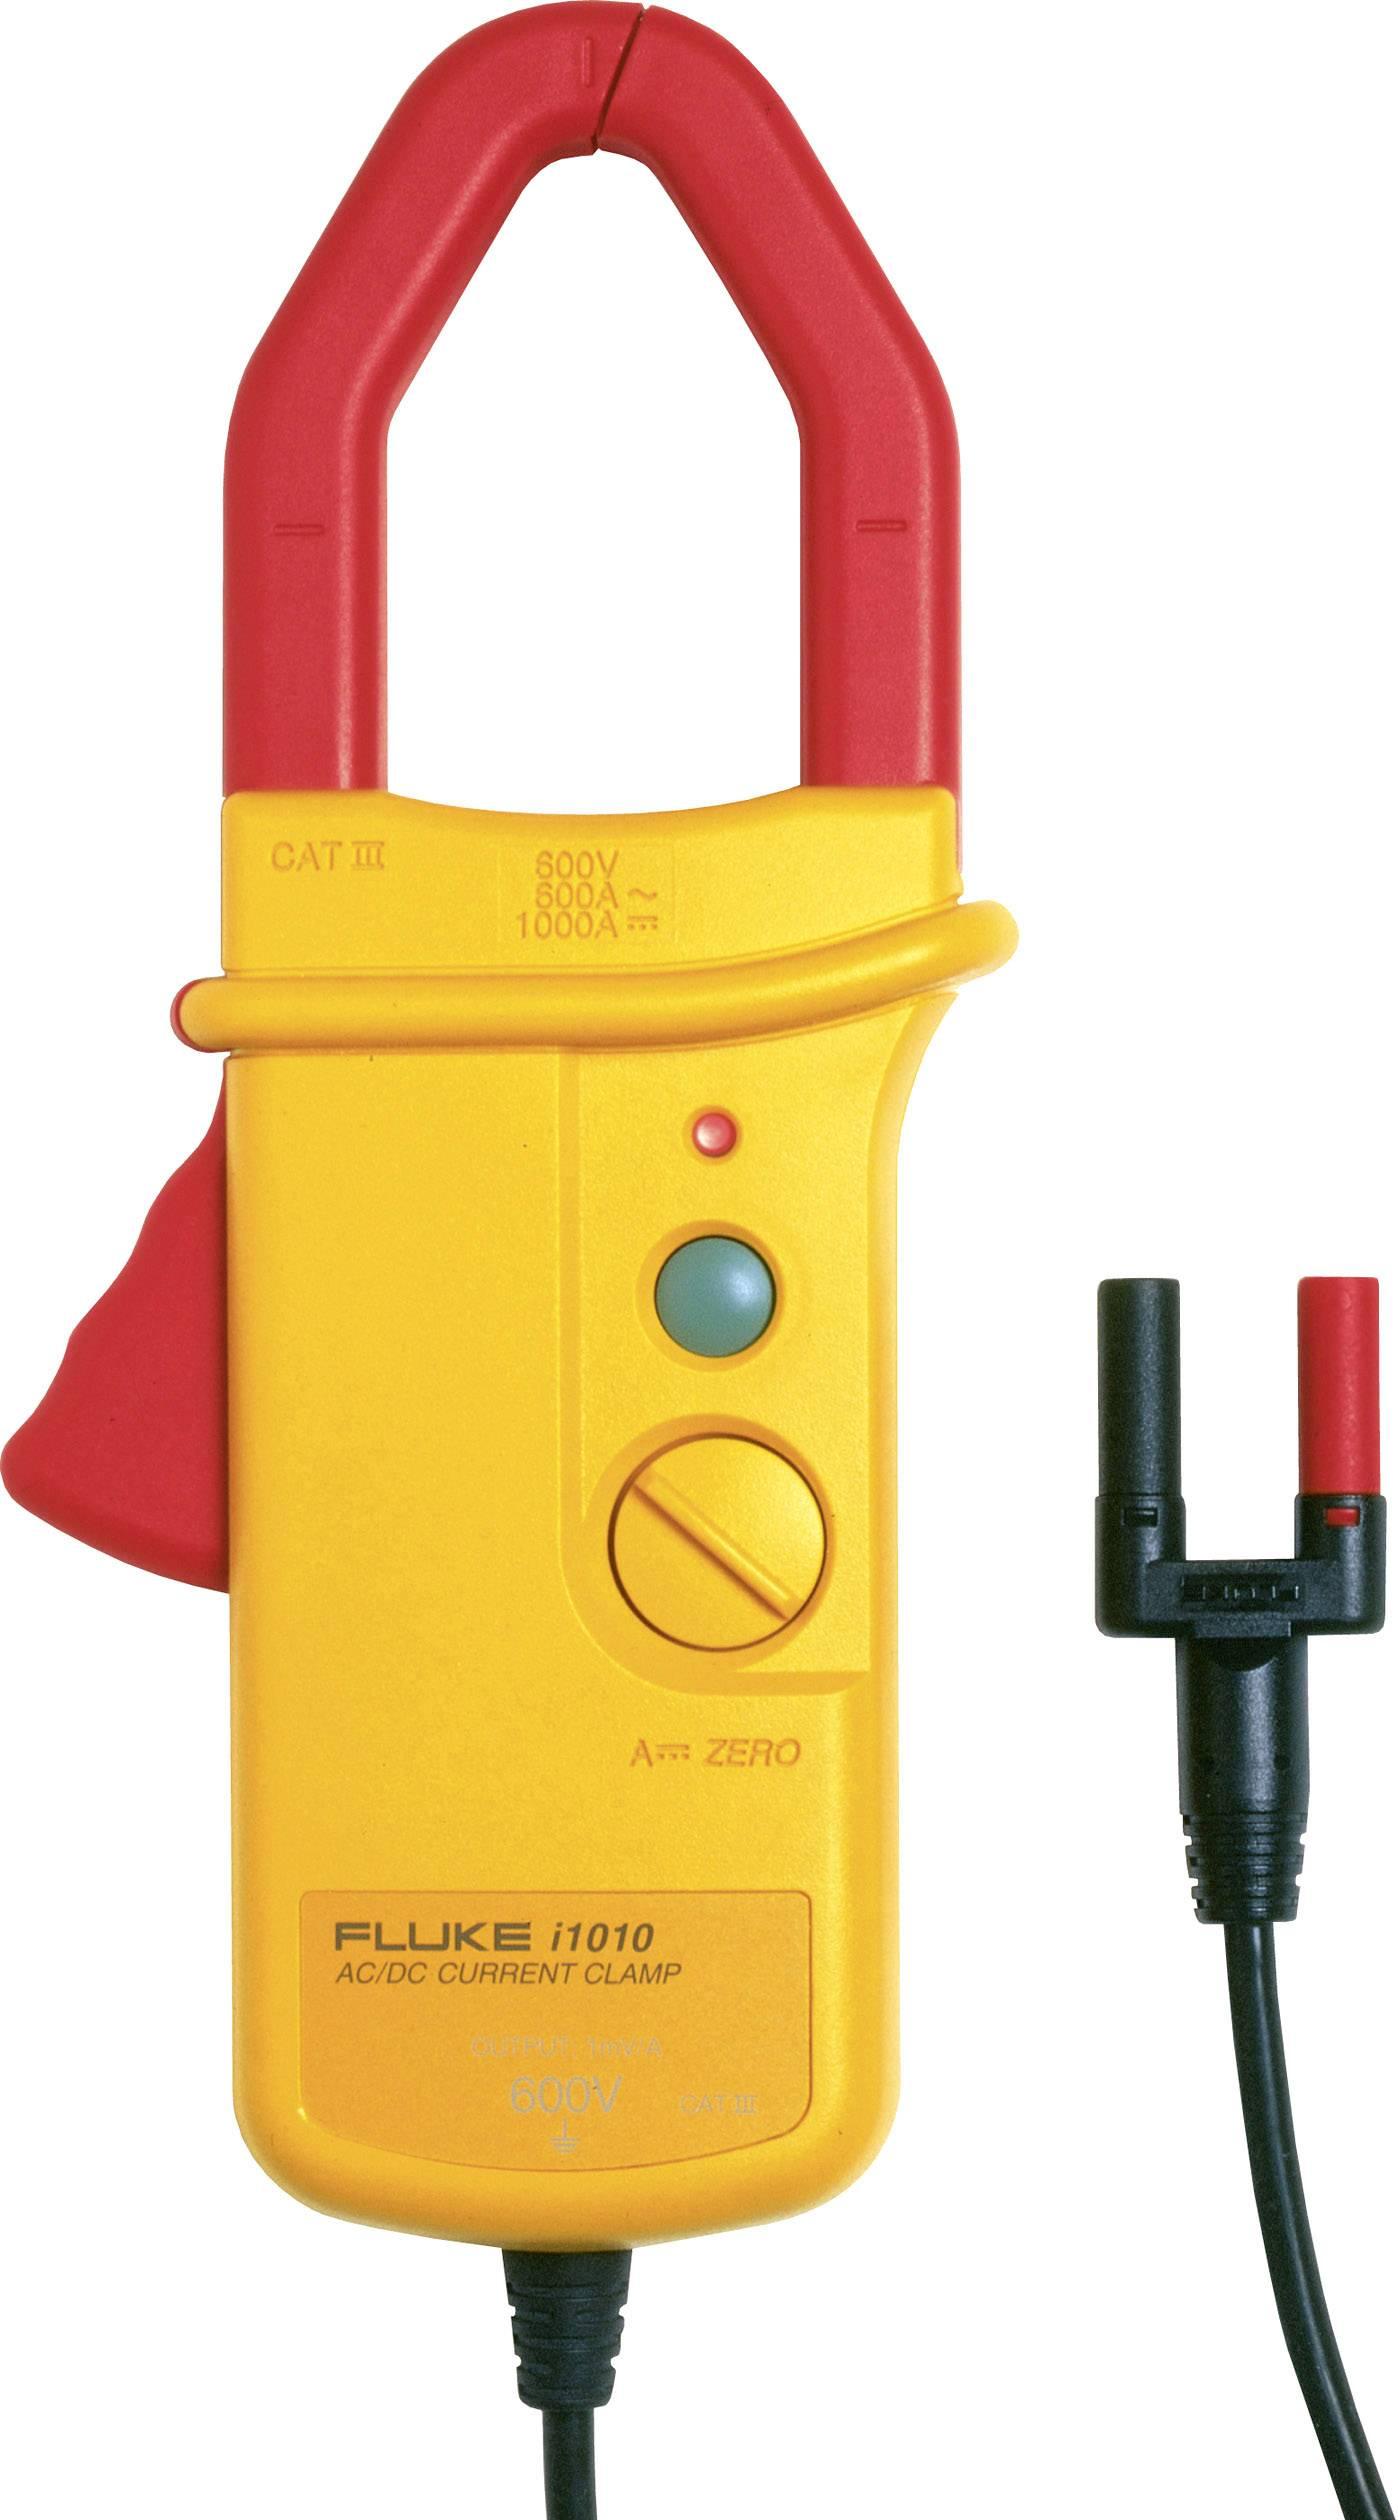 Klešťový proudový adaptér Fluke i1010, 30 mm